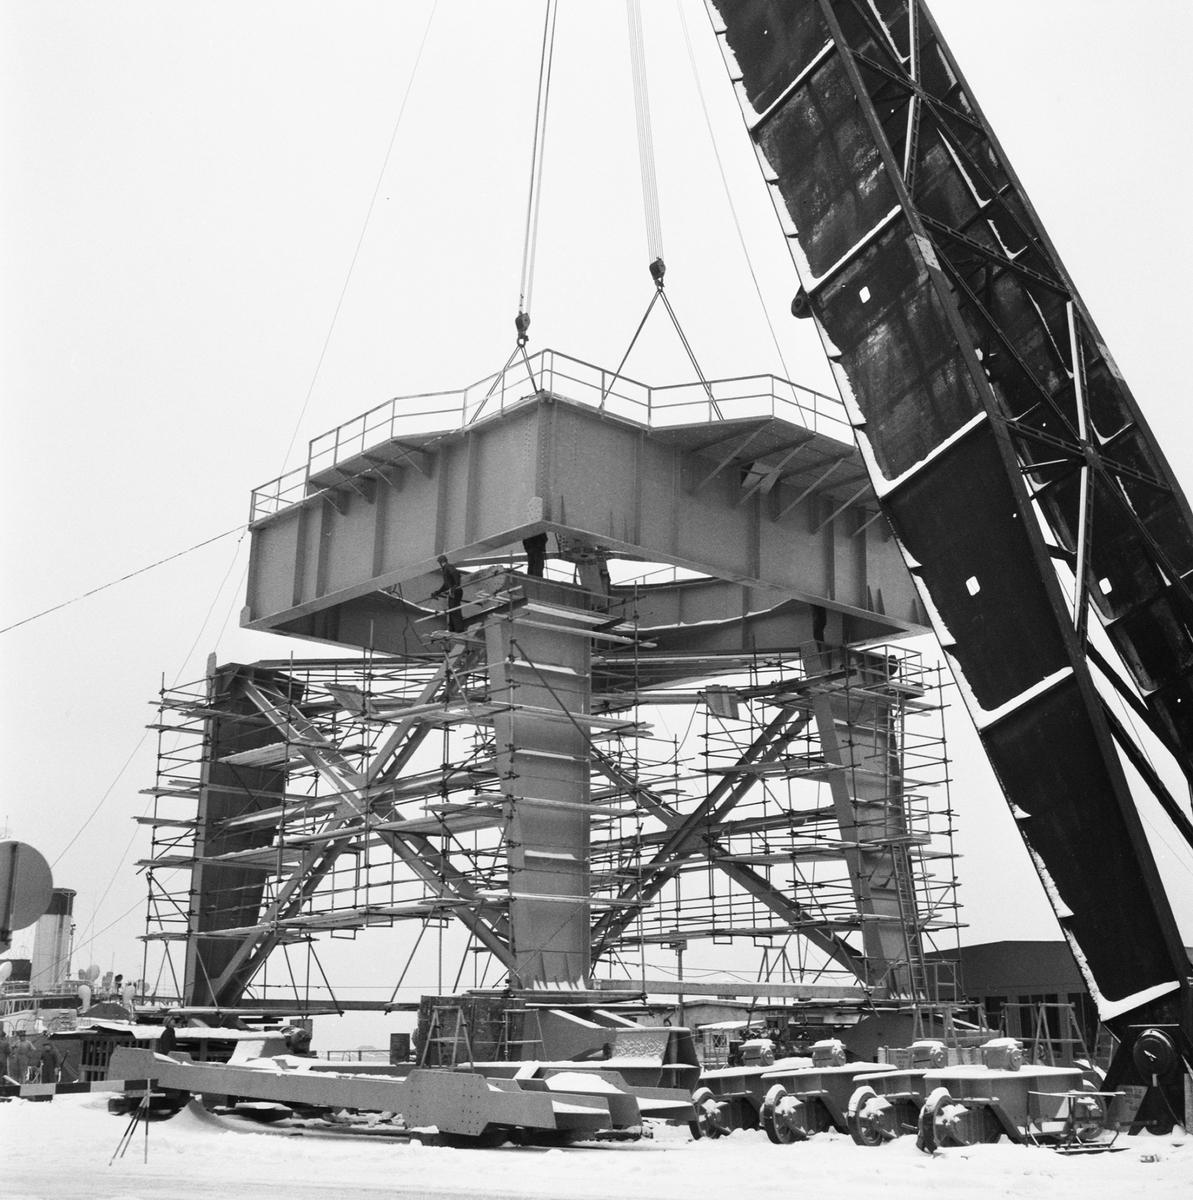 Övrigt: Fotodatum:10/12 1959 Byggnader och Kranar. 100-tonskranen lyft av kranhiss. Närmast identisk bild: V16895, ej skannad